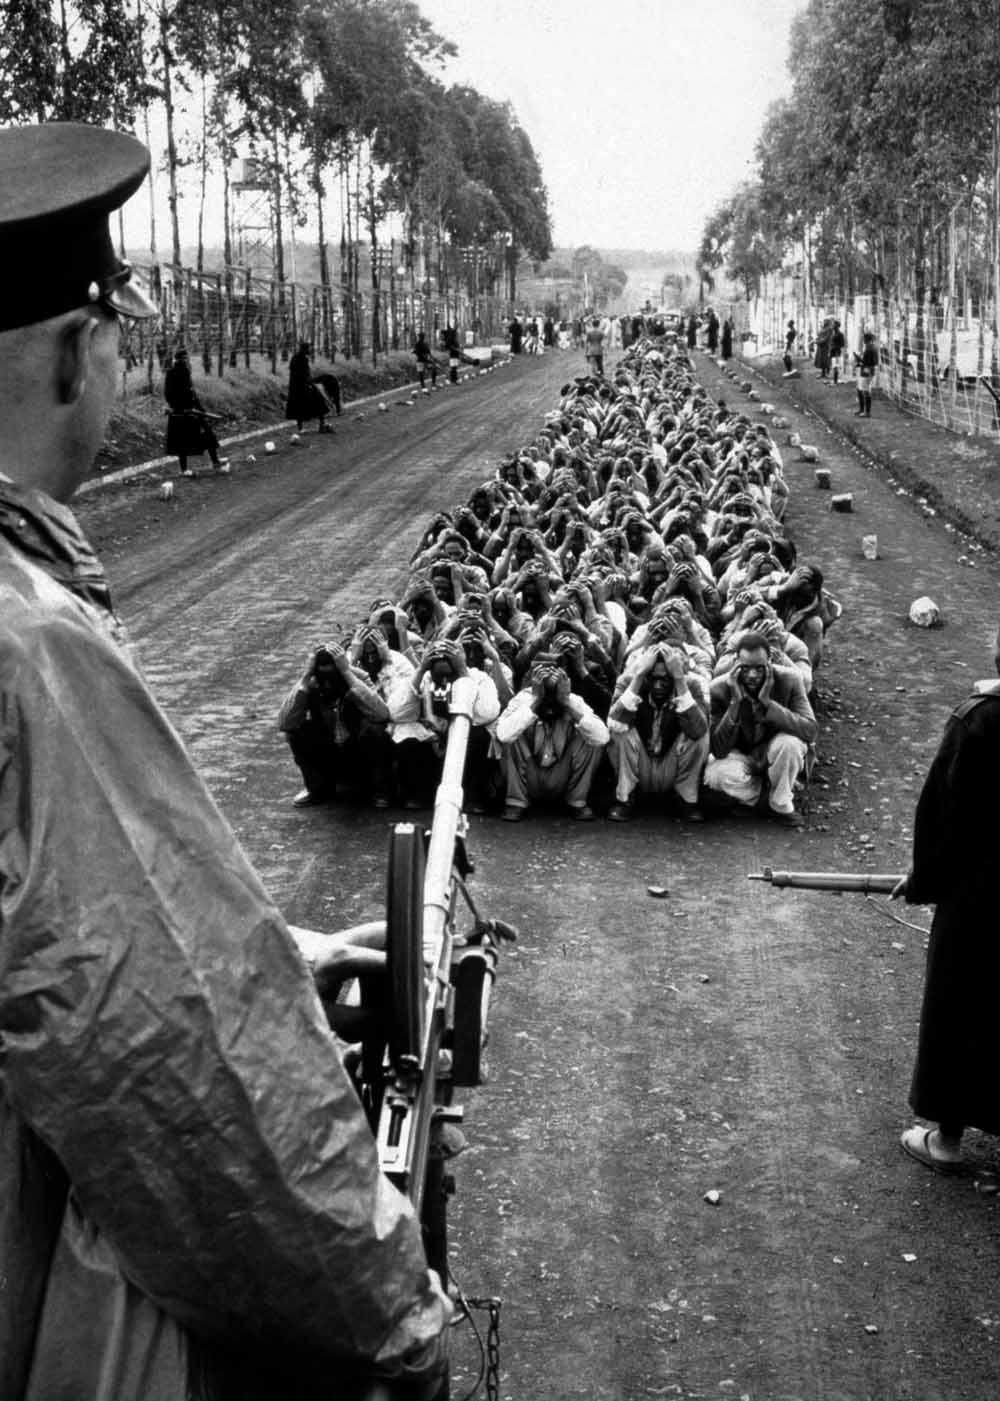 Britse militaire politiemannen bewaken vermoedelijke Mau Mau-rebellen en bewaken een wegcontrole tijdens de Mau Mau-opstand (1952-1960) tegen het Britse koloniale bewind in Kenia. – © Corbis via Getty Images; 2. De Britse militaire politie voert een we